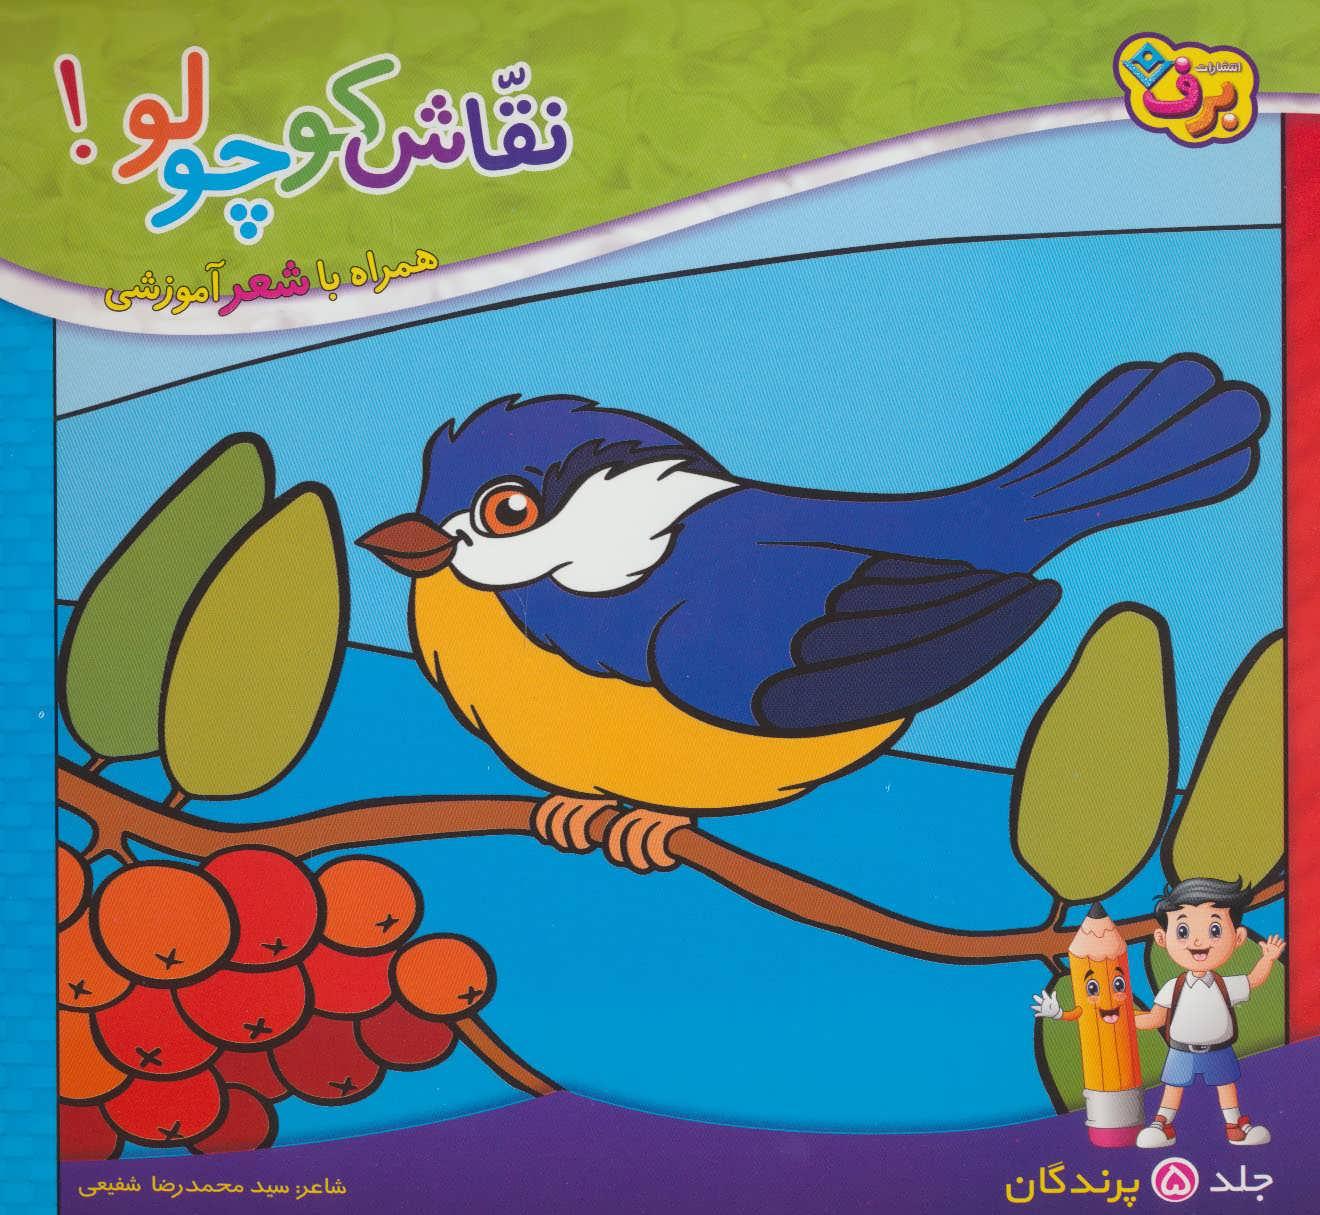 نقاش کوچولو! 5 (پرندگان)